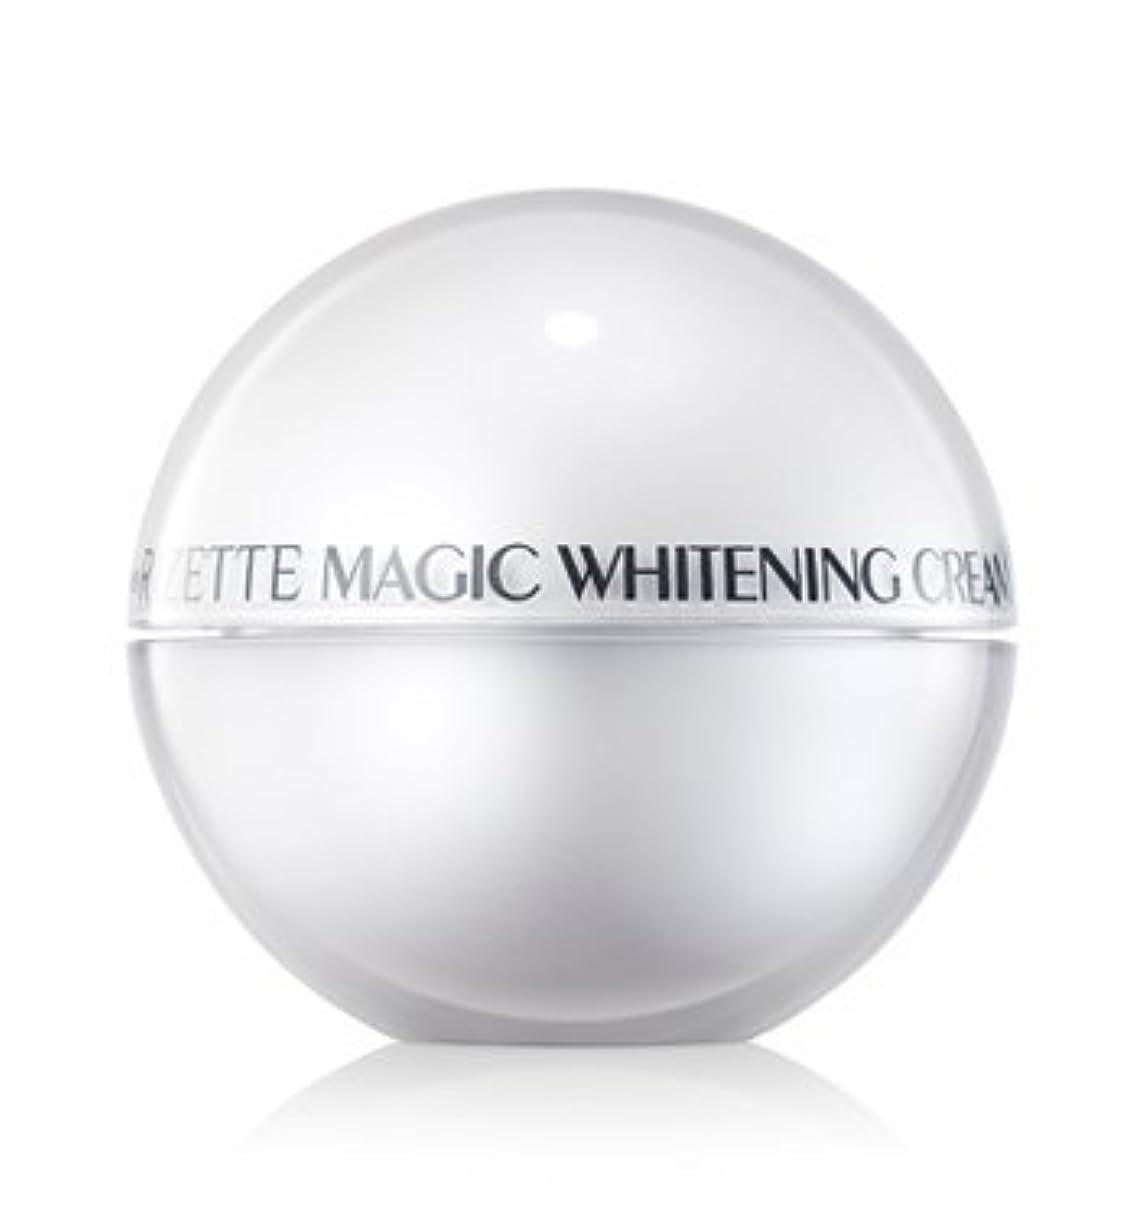 適用済みするだろう安定したリオエリ(Lioele) Rizette マジック ホワイトニング クリーム プラス/ Lioele Rizette Magic Whitening Cream Plus[並行輸入品]